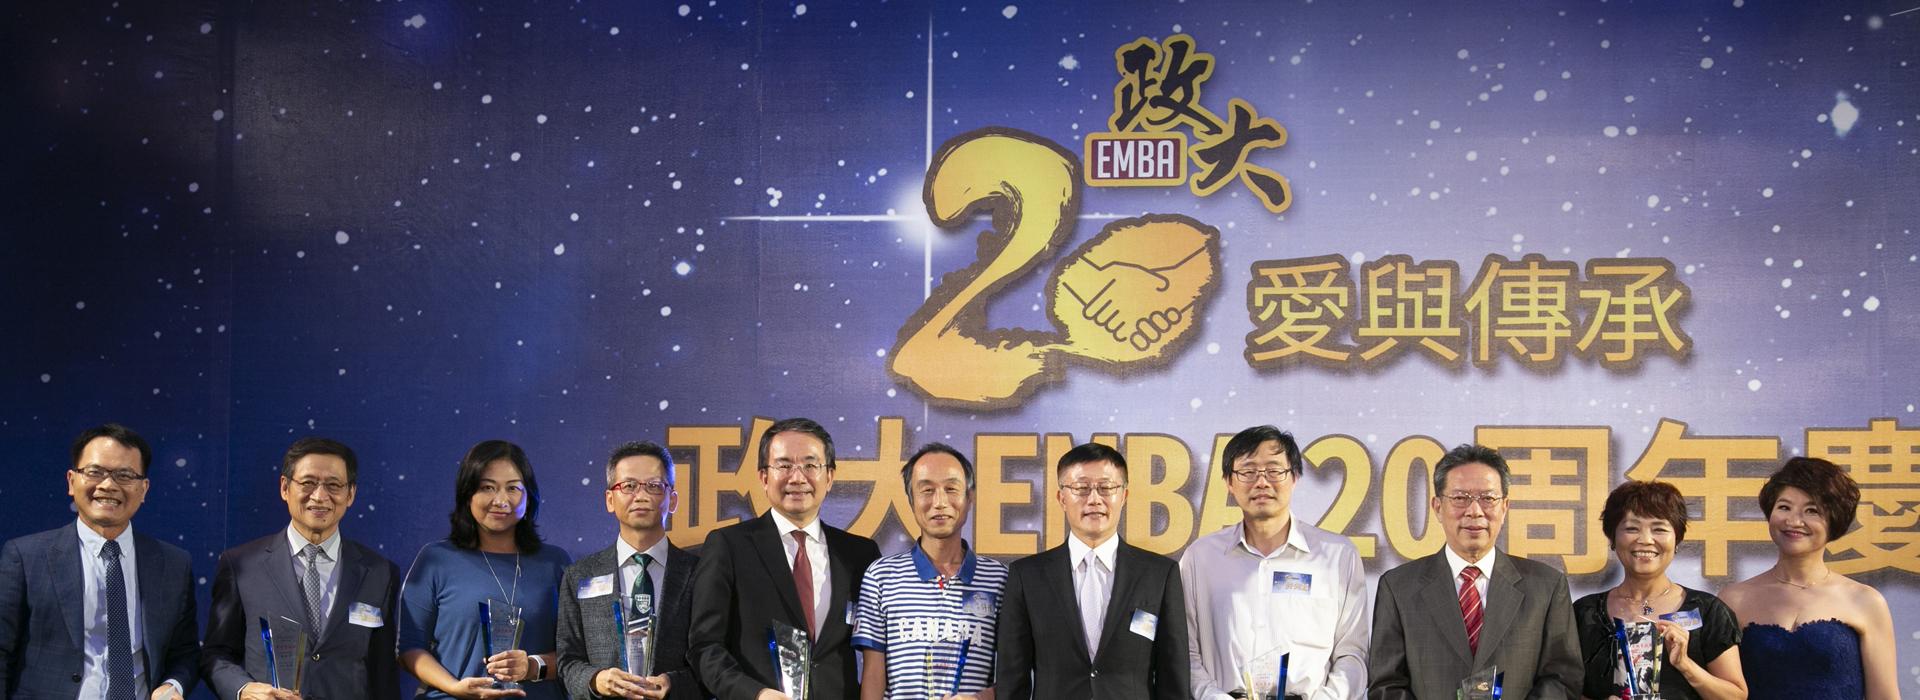 政大EMBA20周年 跨界跨屆名人菁英同學會 【愛與傳承】晚宴 熱鬧登場